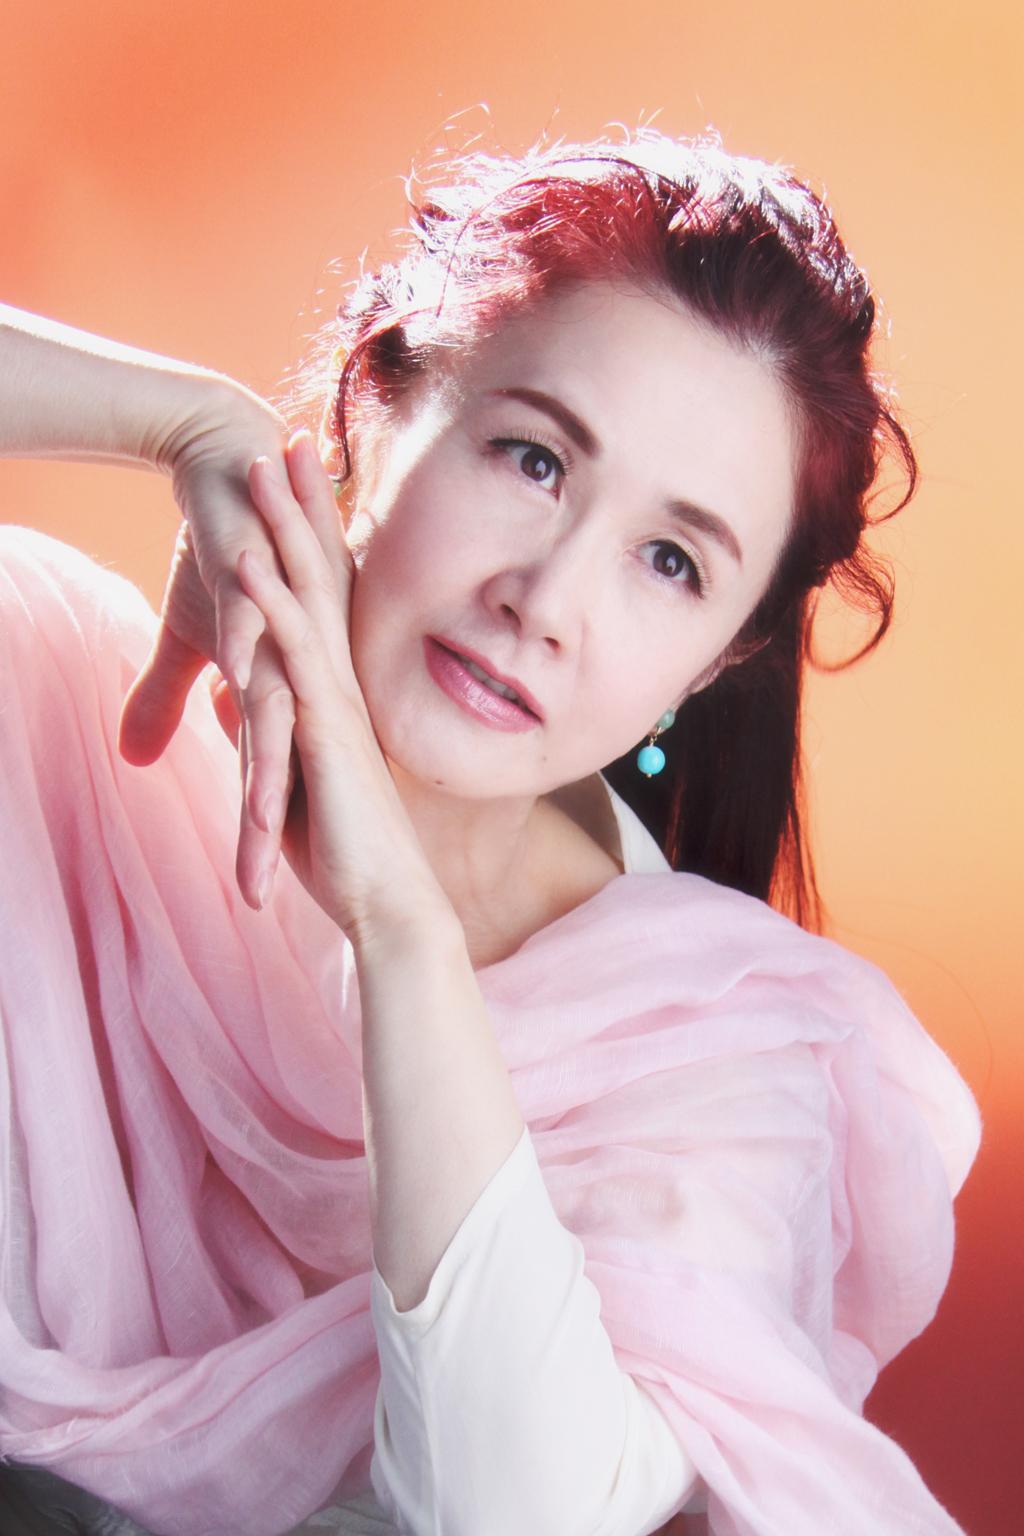 中島みゆきの「化粧」が泣けると評判!失恋ソングにどっぷりハマる。のサムネイル画像